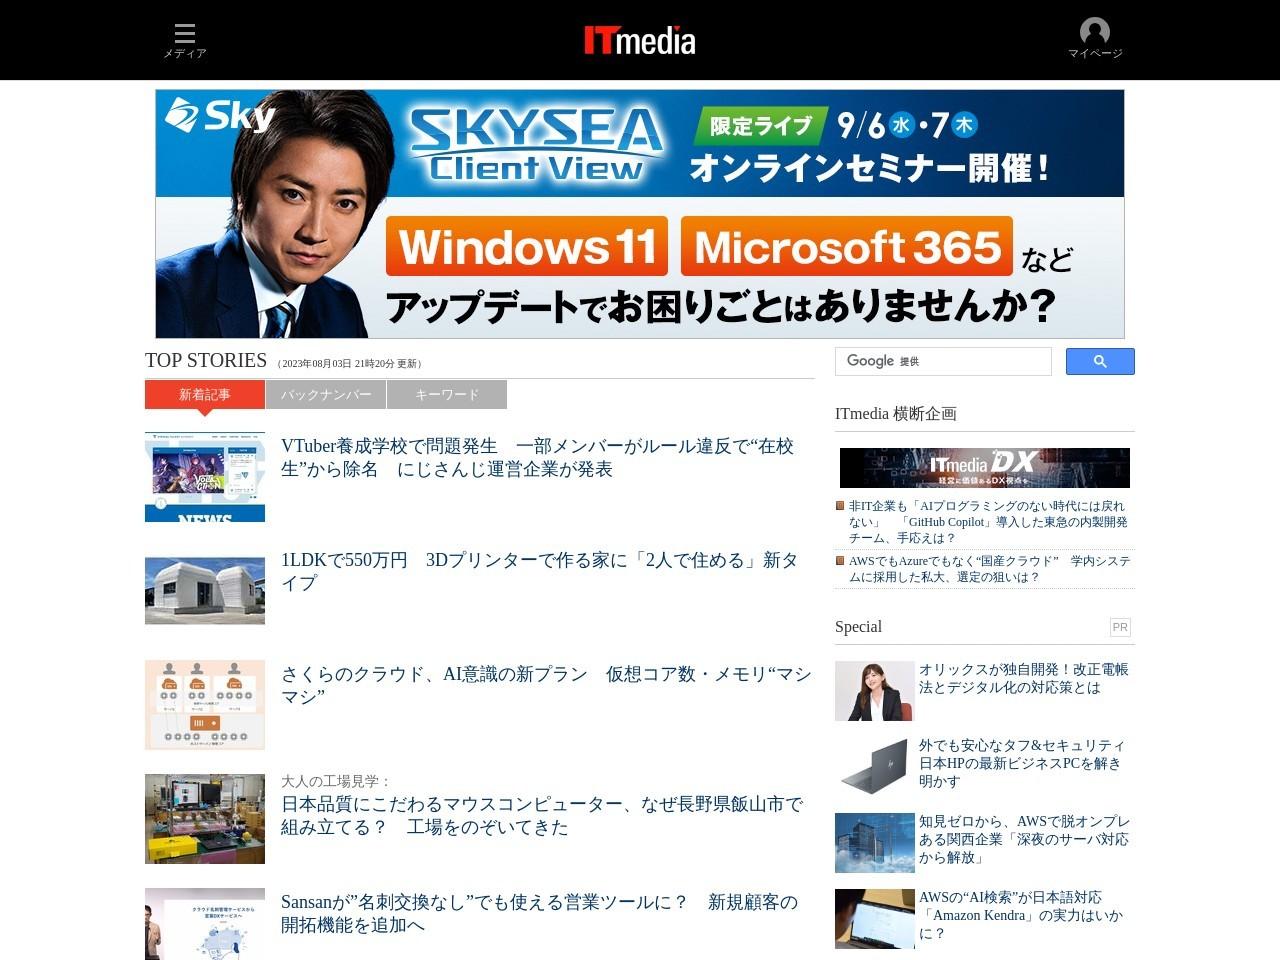 「100年後も生き残っていそうな日本企業」ランキング、2位はホンダ 1位は5年連続で……